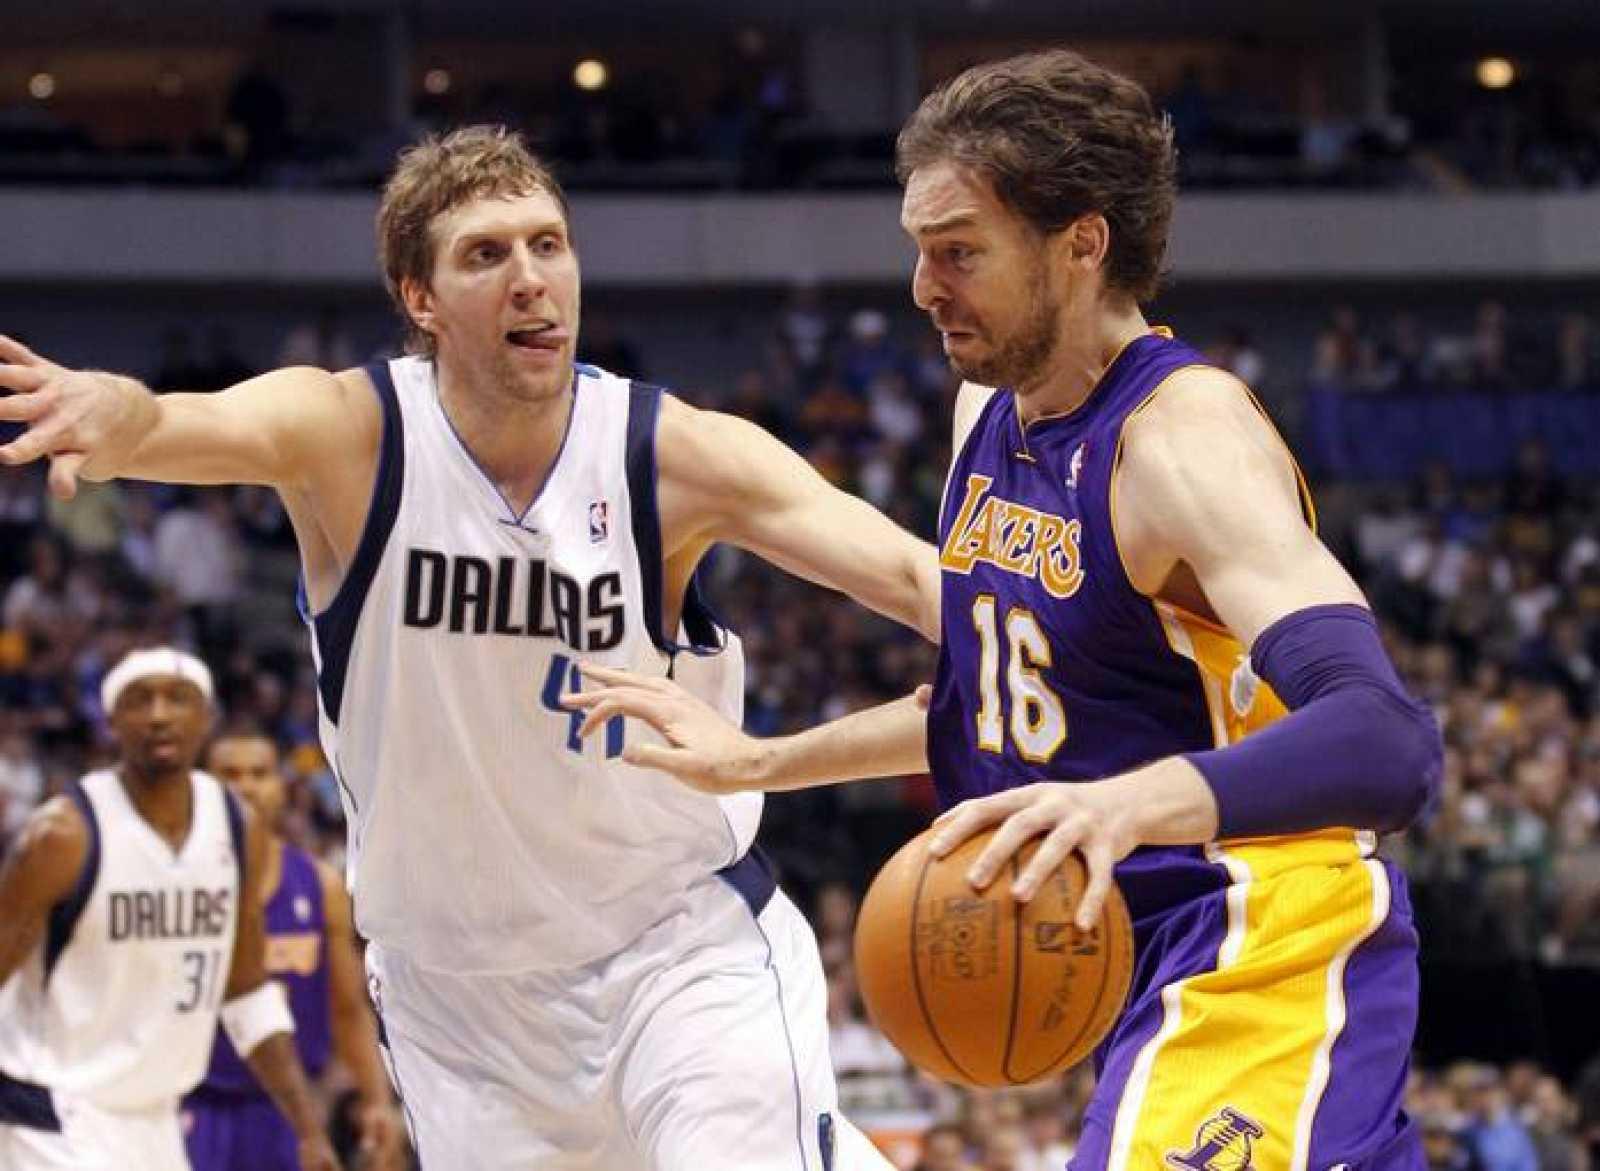 El jugador de los Angeles Lakers, Pau Gasol, ante el de los Dallas Mavericks, Dirk Nowitzki.